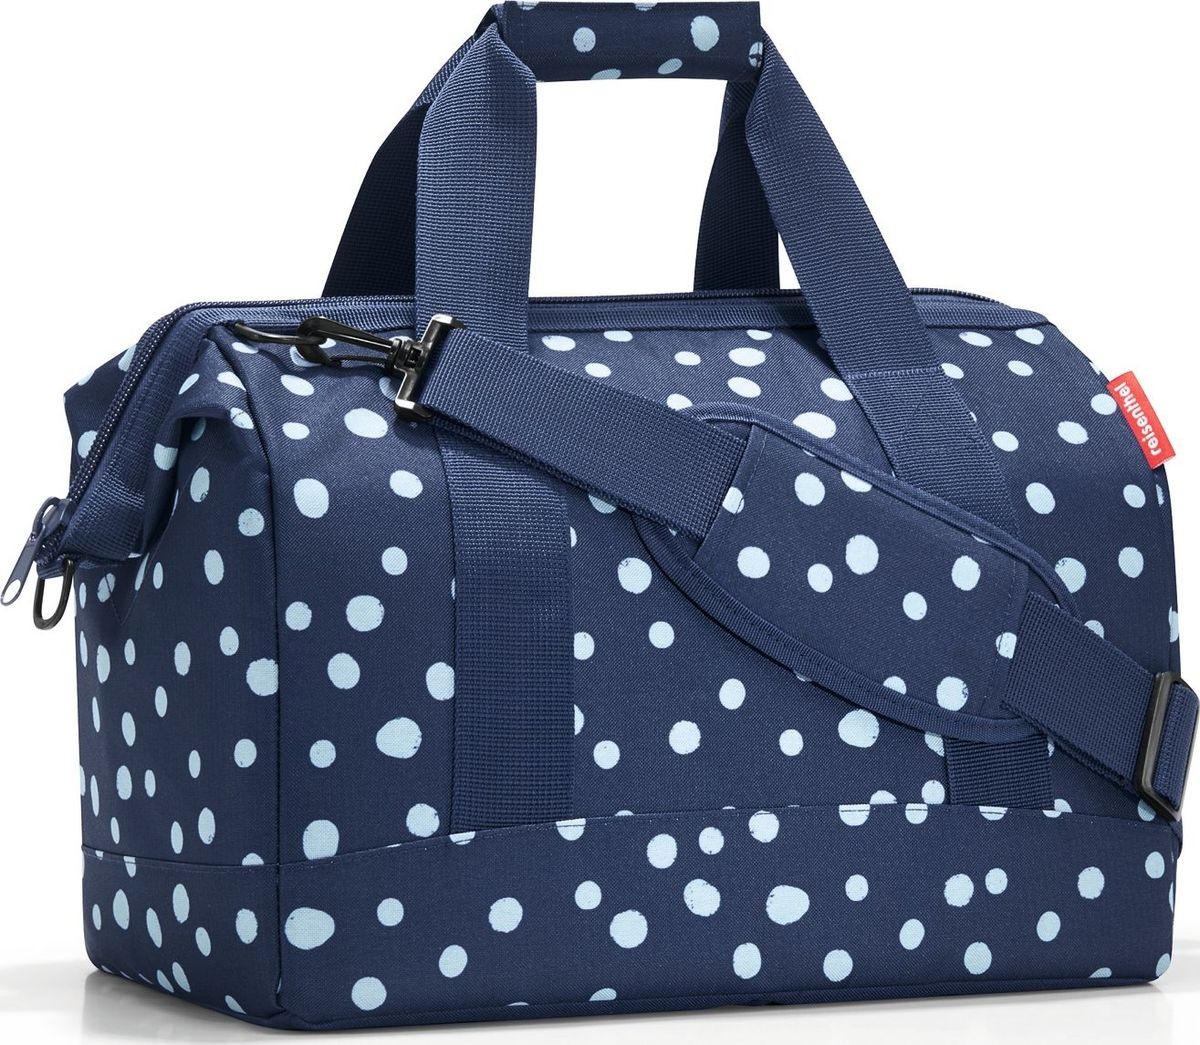 Сумка женская Reisenthel, цвет: синий. MS4044MS4044Практичная сумка для спорта и путешествий. Приятные объемные стенки и дно создают силуэт, напоминающий старинные врачебные сумки.- встроенные металлические скобы фиксируют сумку в открытом положении;- 6 внутренних карманов;- две удобные ручки и регулируемый ремень;- объем – 18 литров.